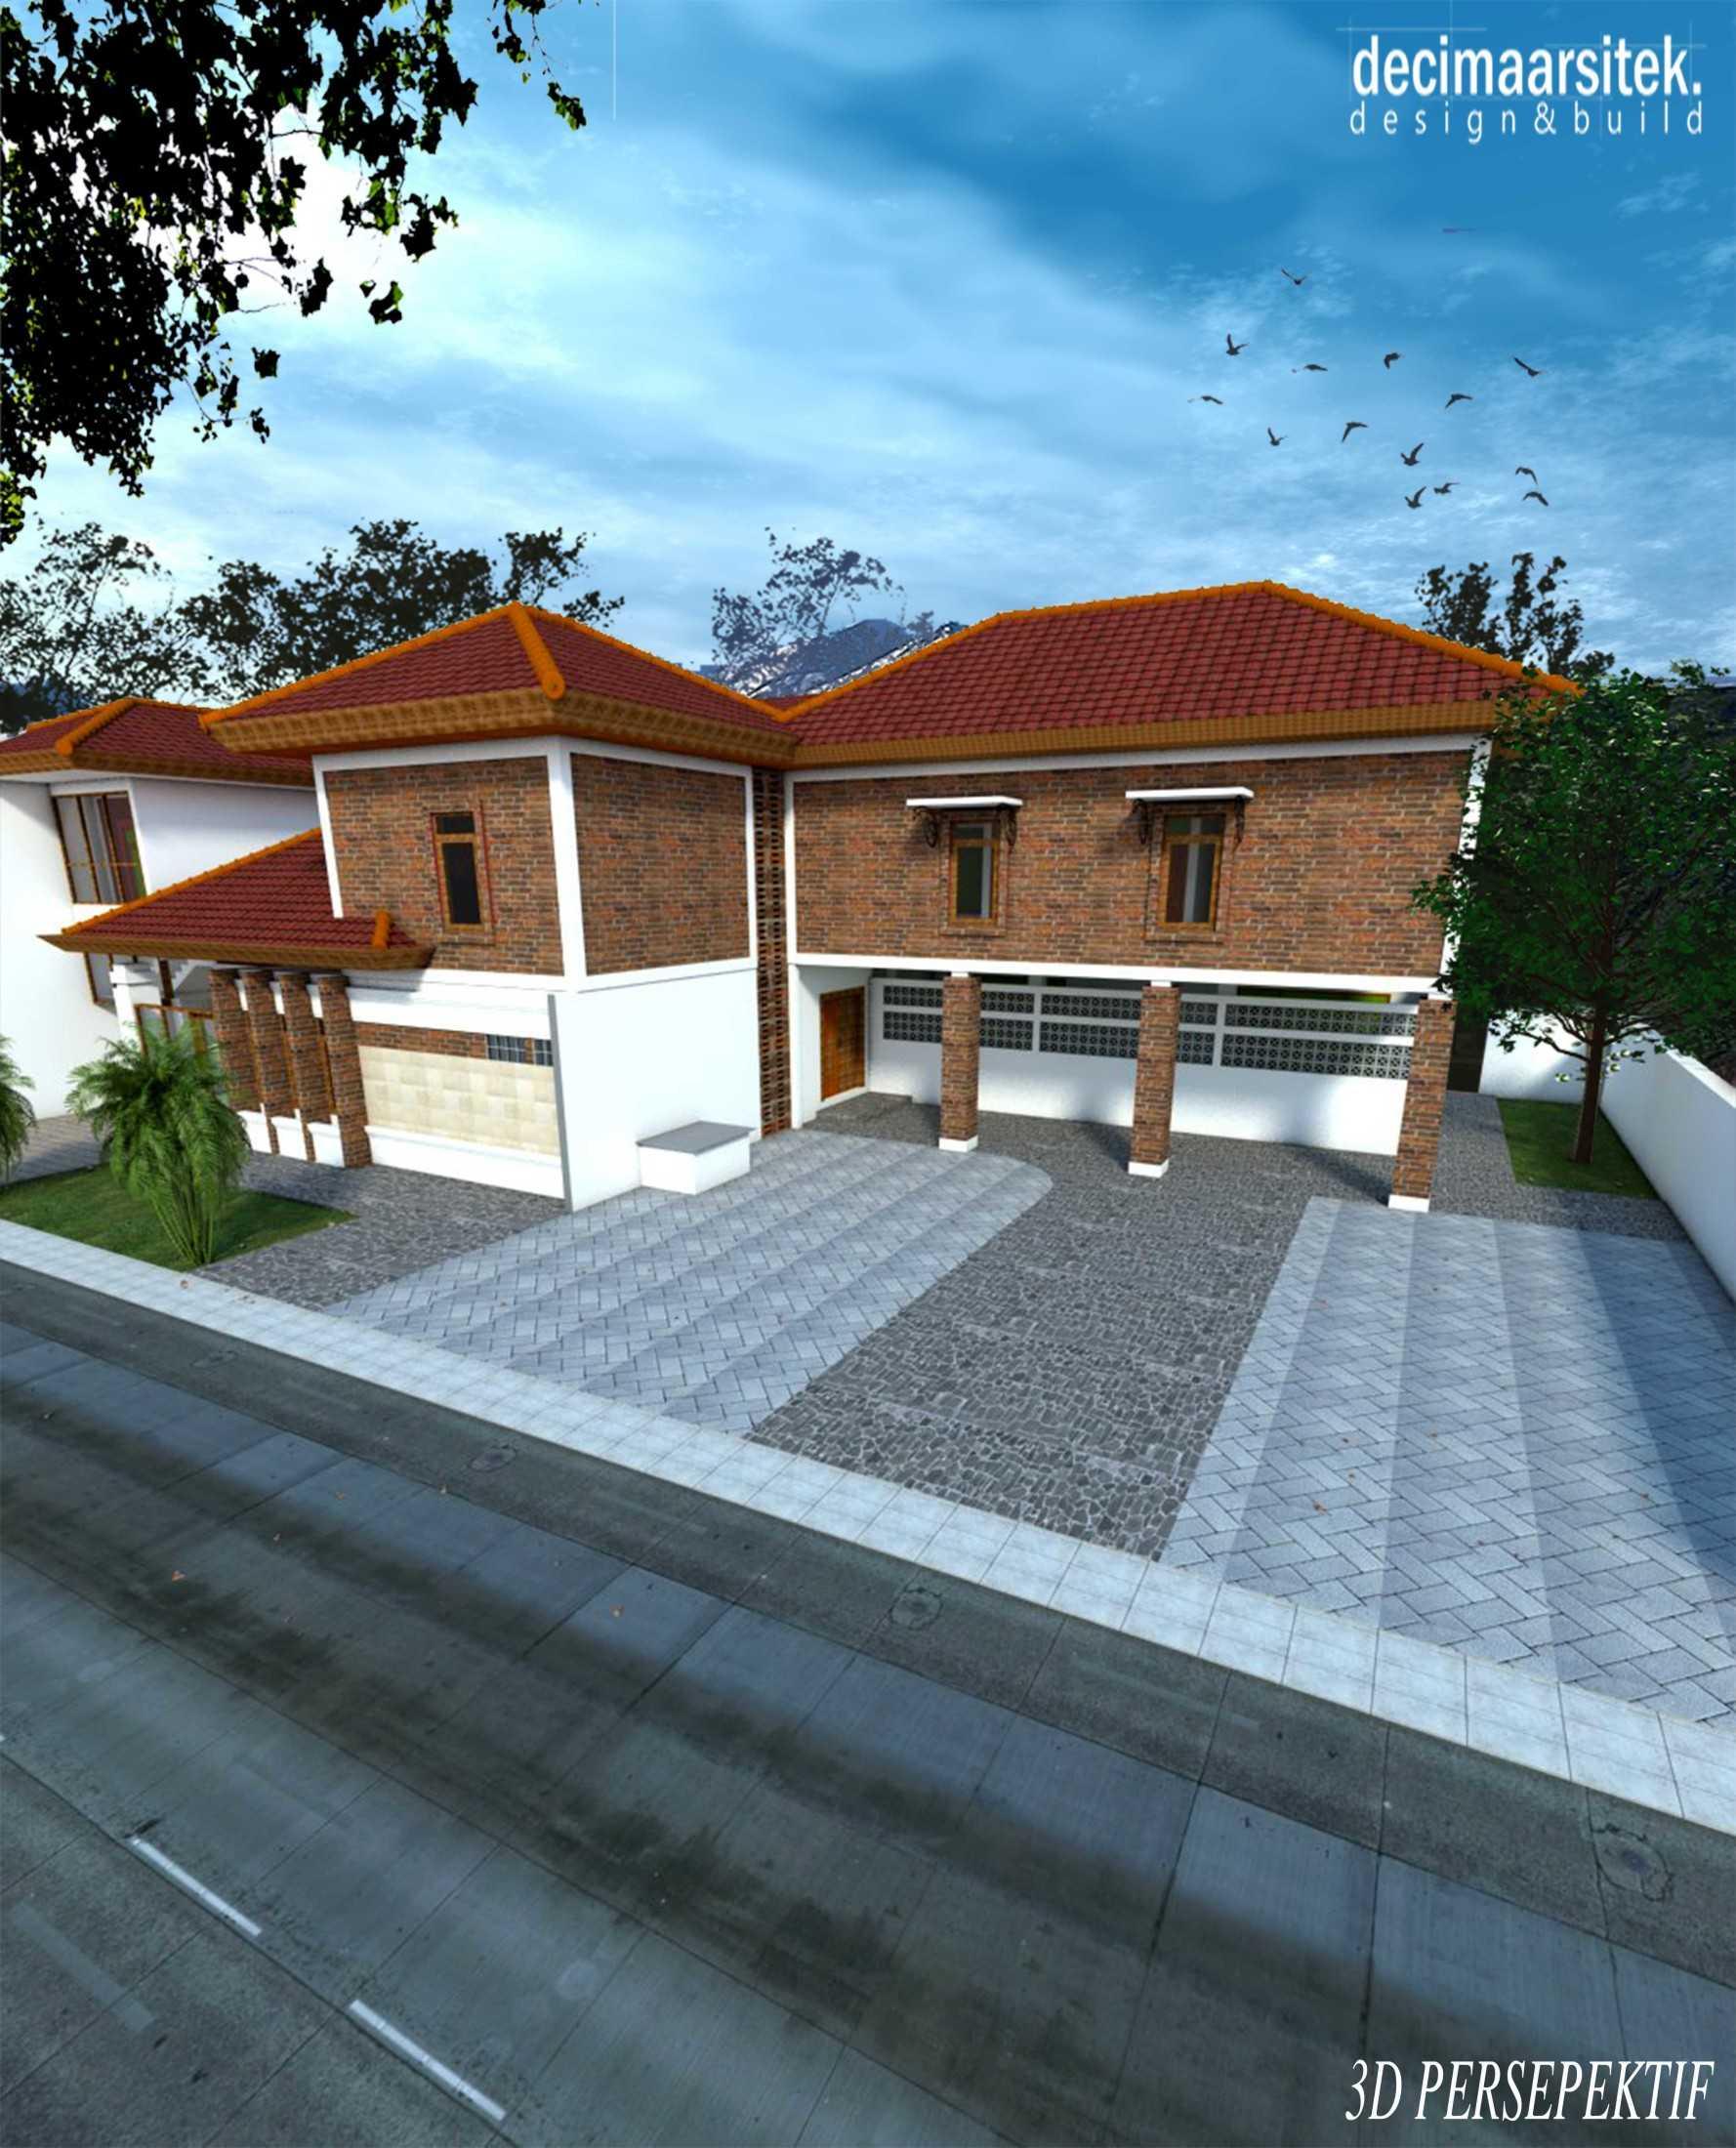 STUDIO DECIMA ARSITEK di Cimahi